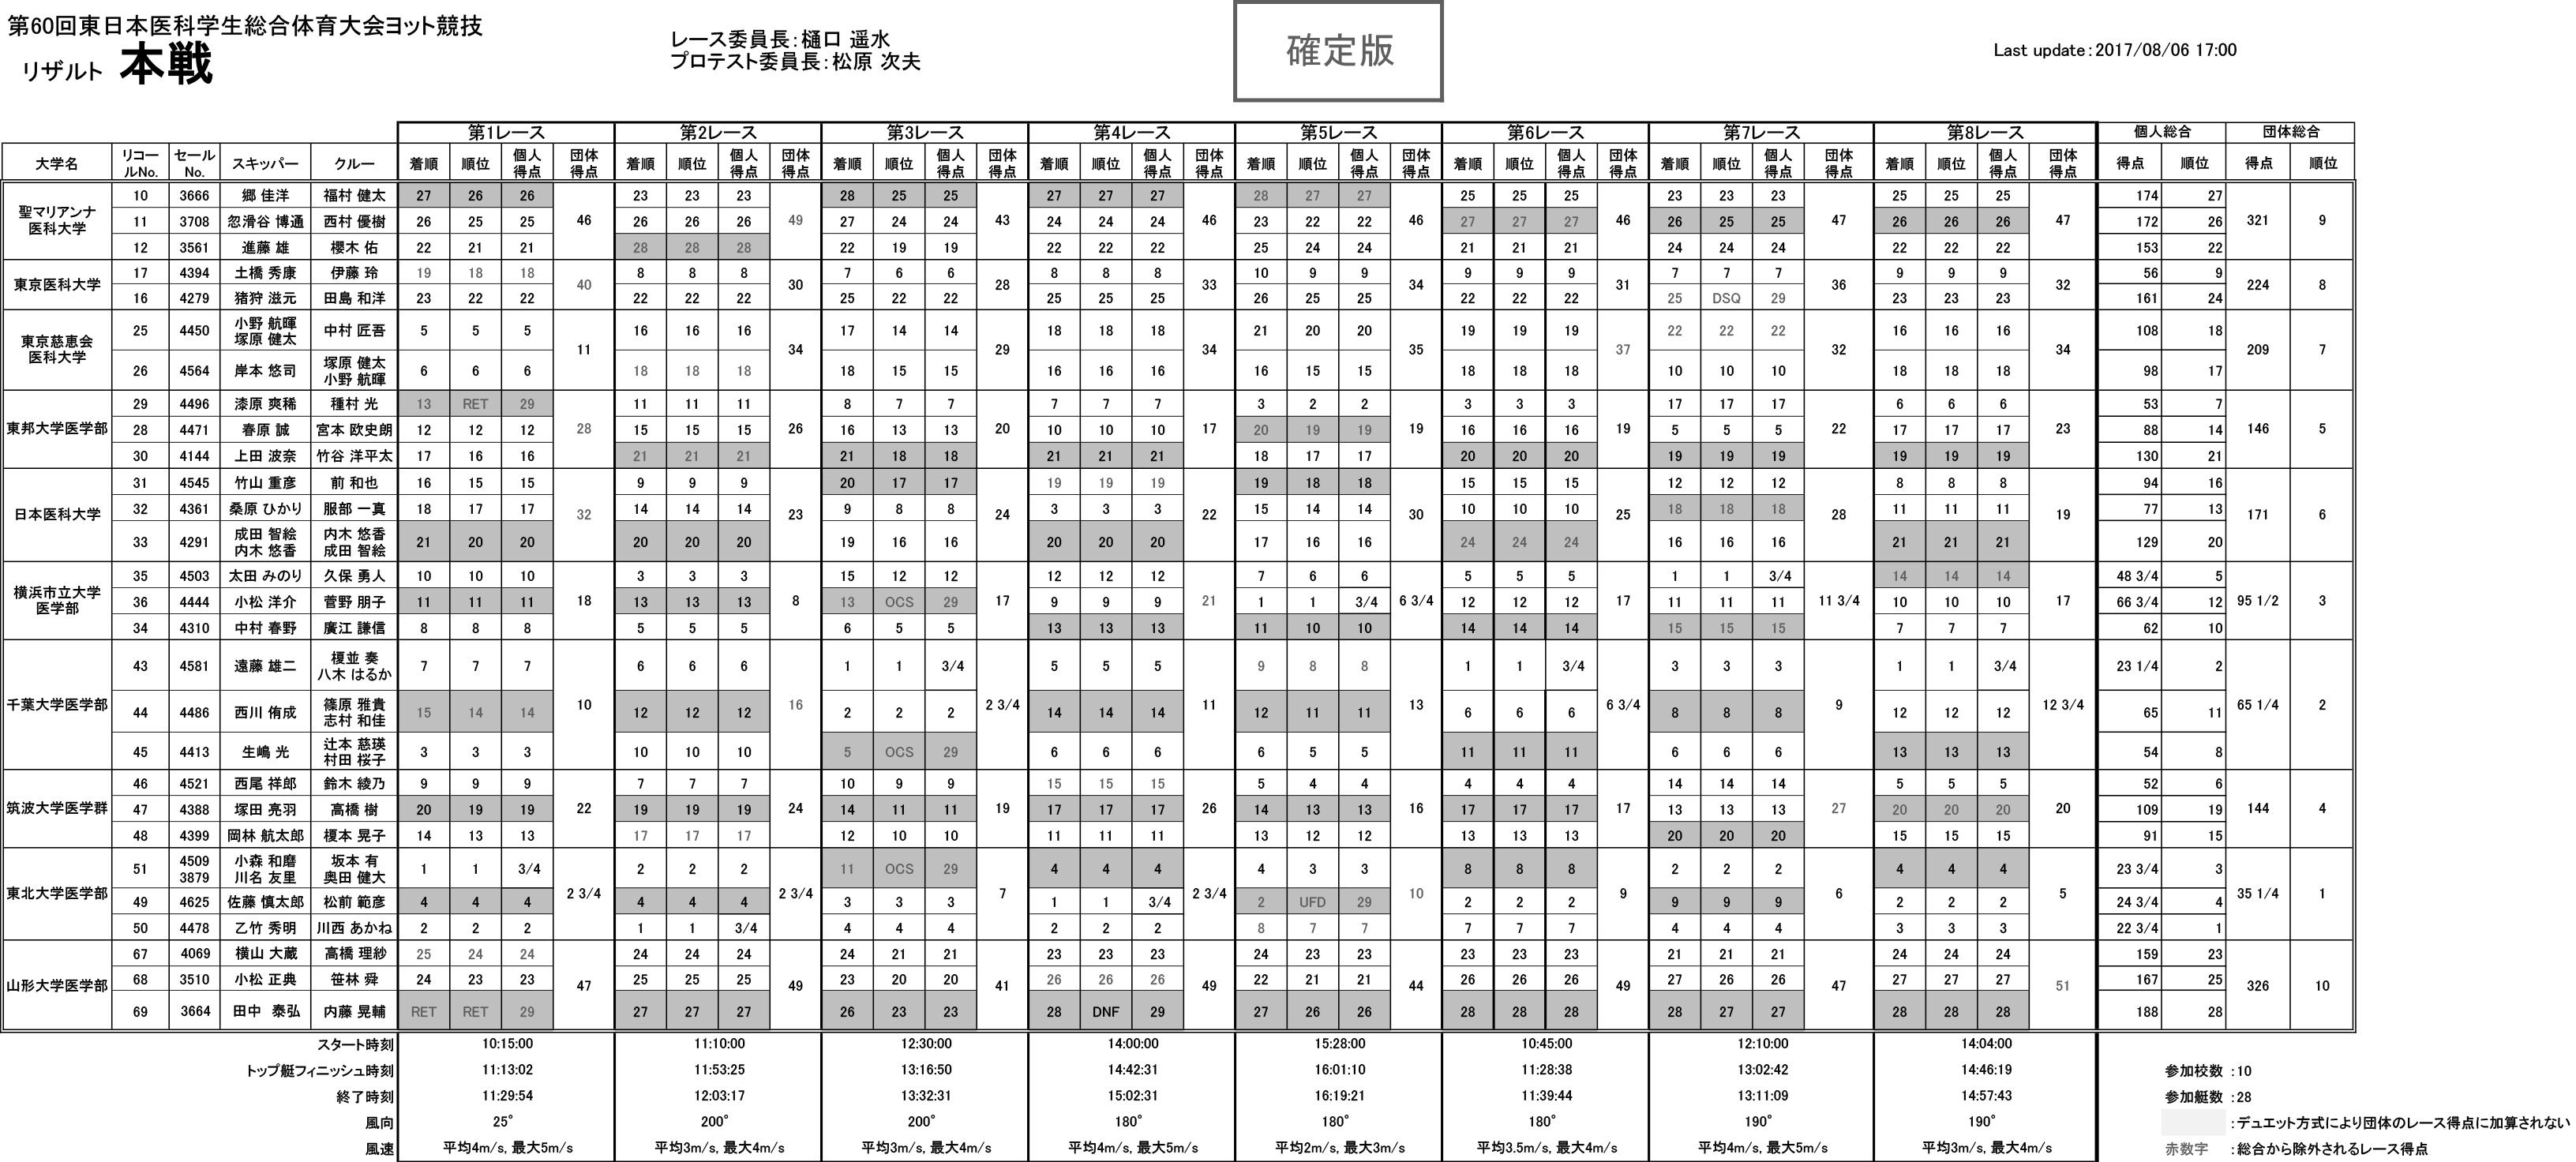 2017-08-21_touitai60th_result_0806